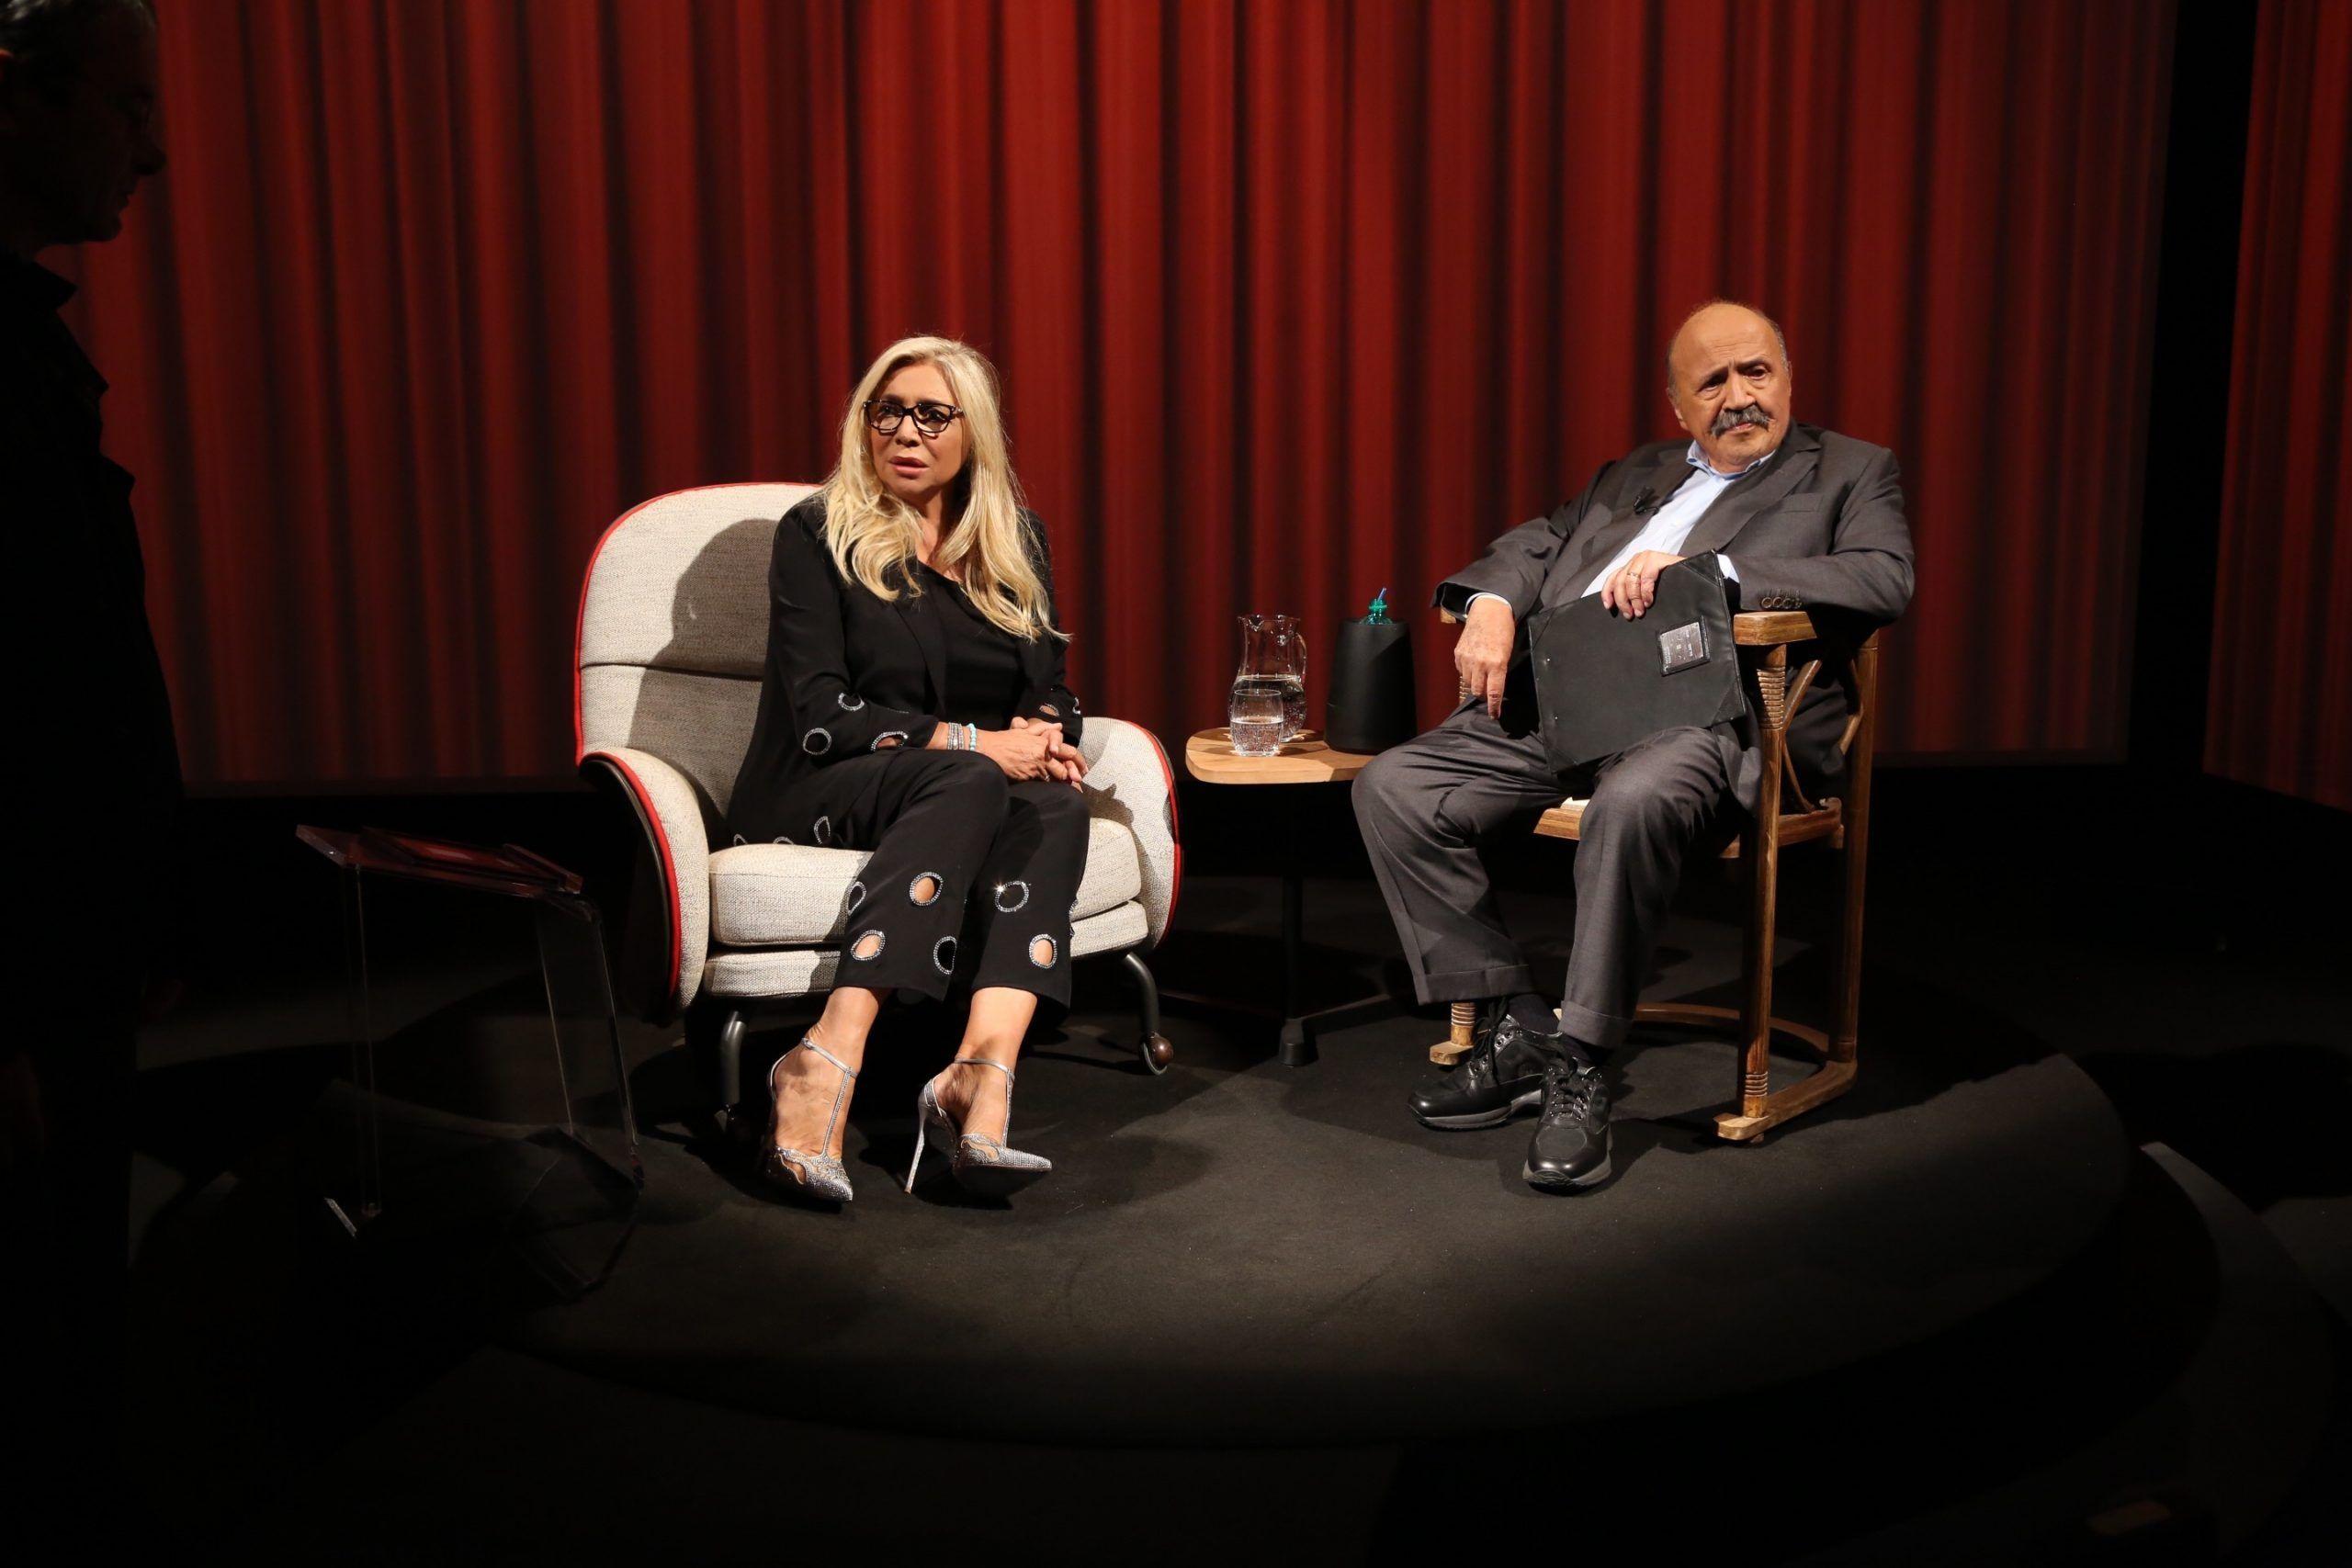 mara venier l'intervista maurizio costanzo